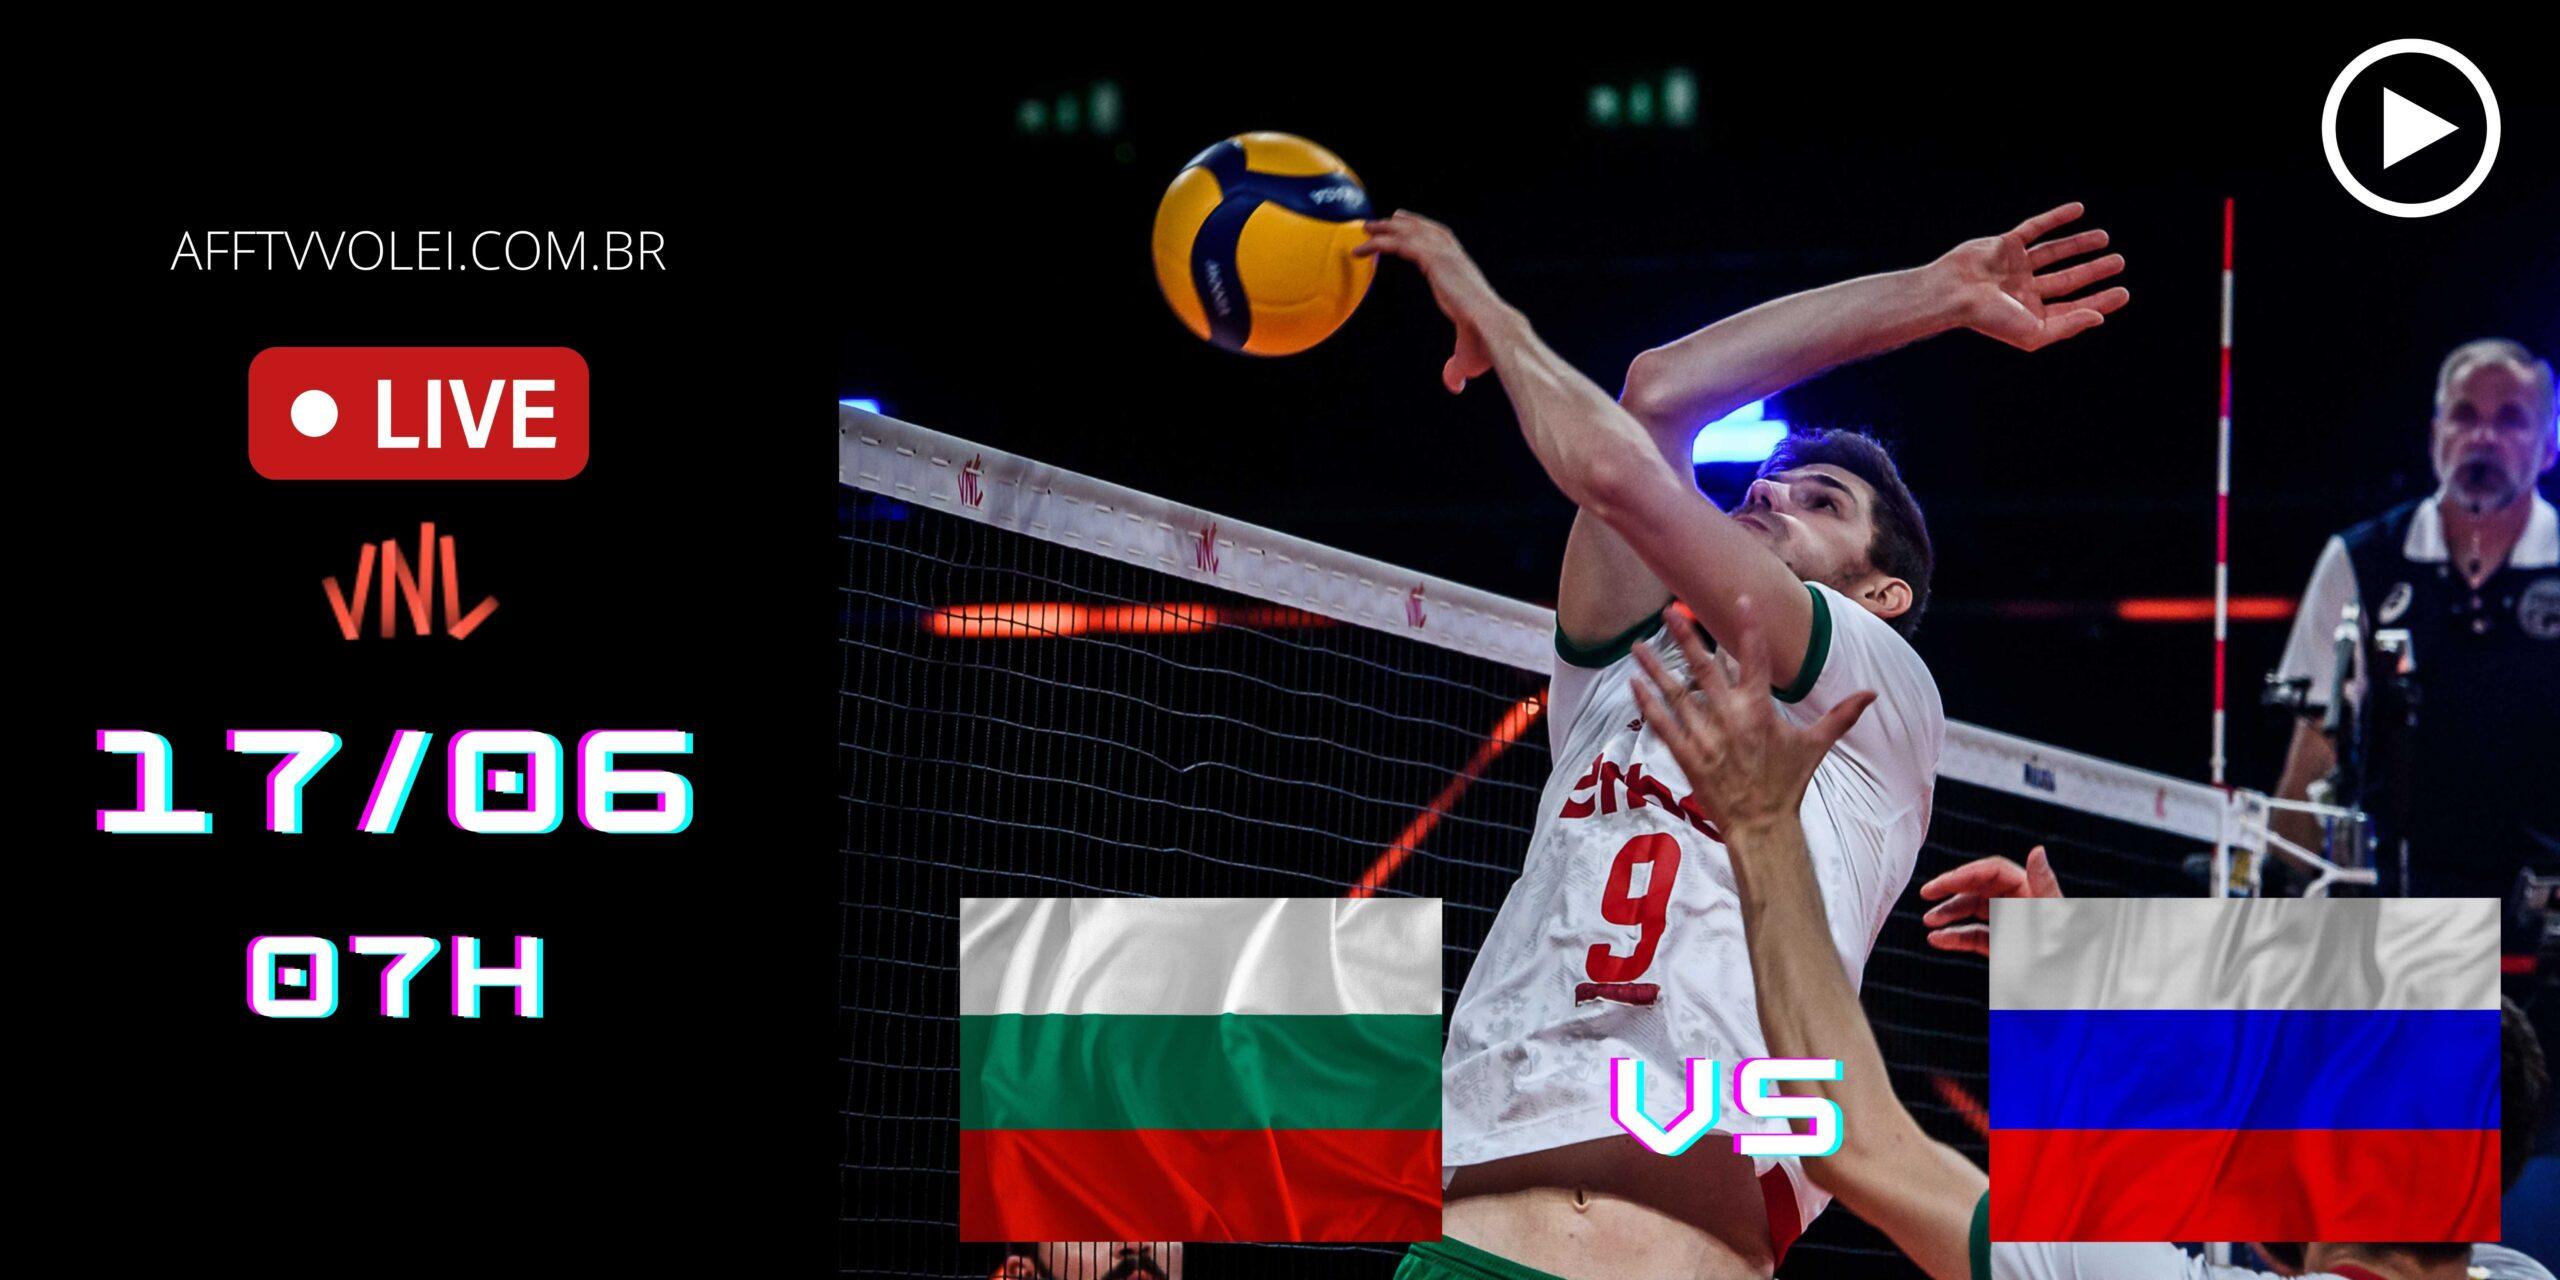 AO VIVO: Bulgária vs Rússia – Liga das Nações – 17/06 – 07h